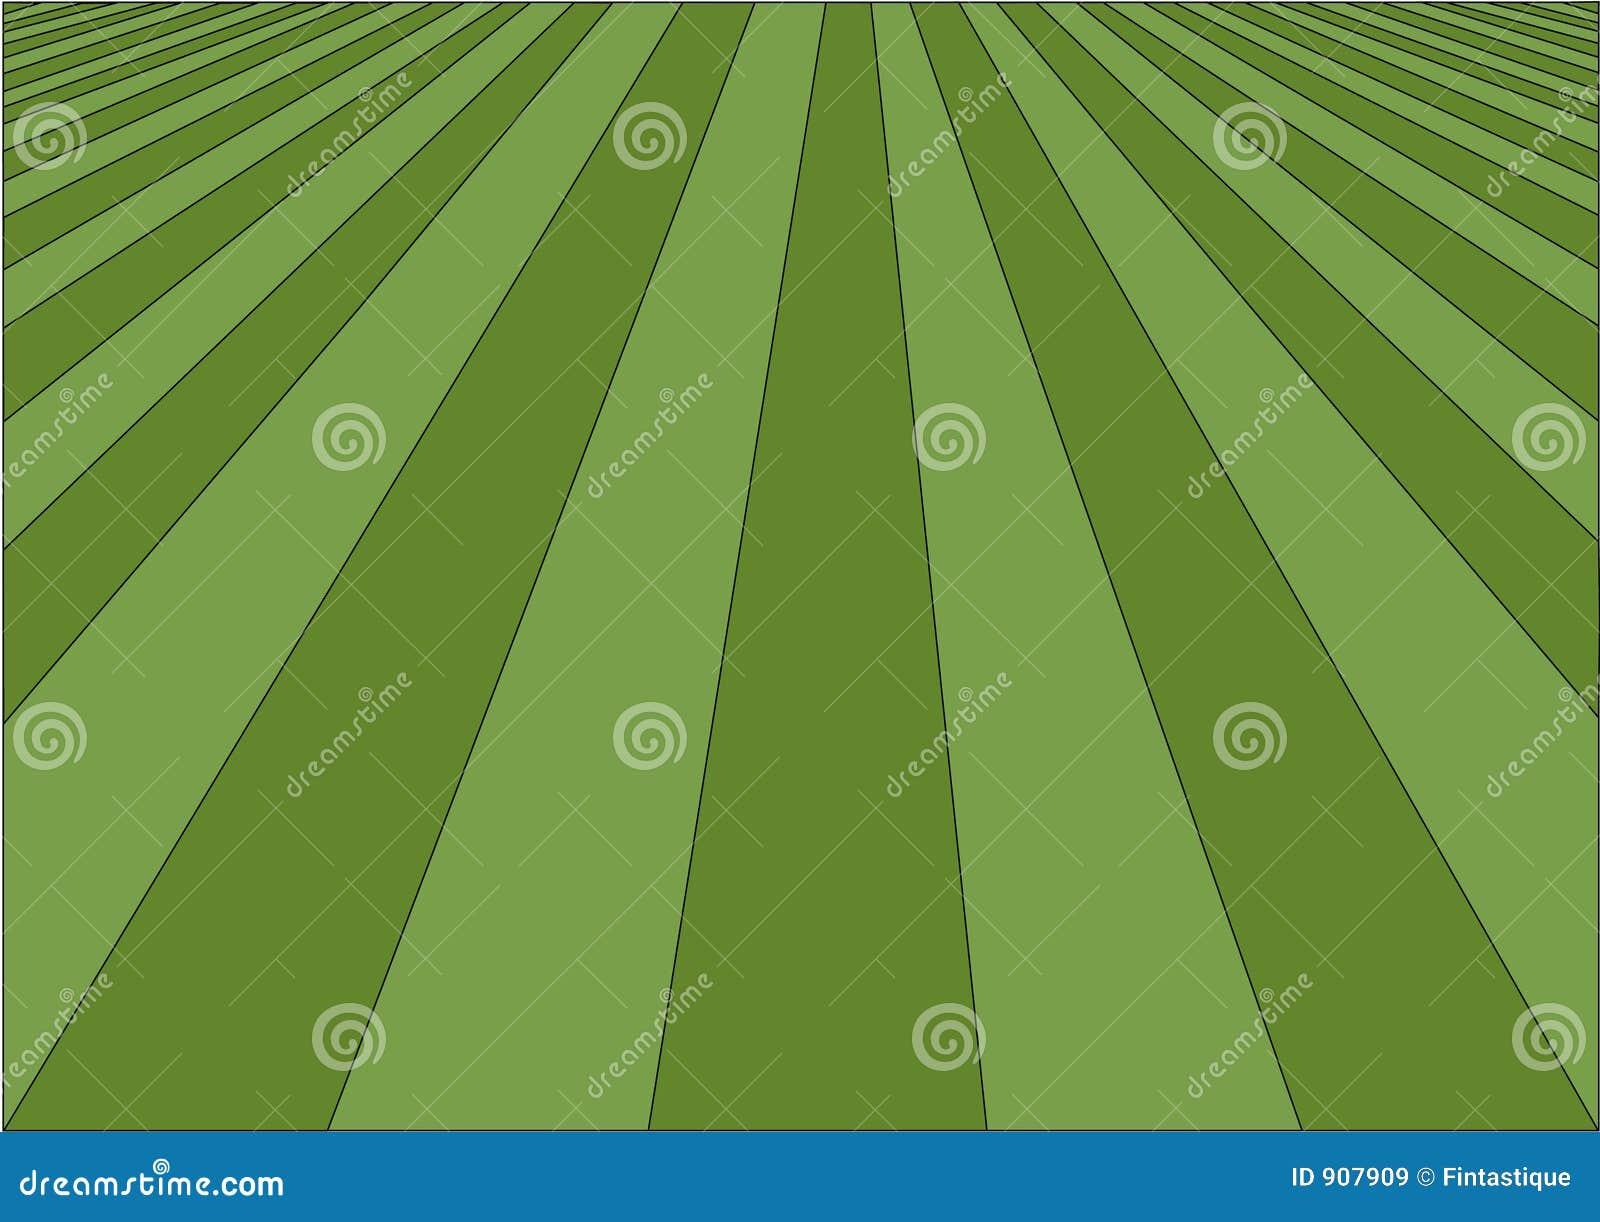 理想的草坪